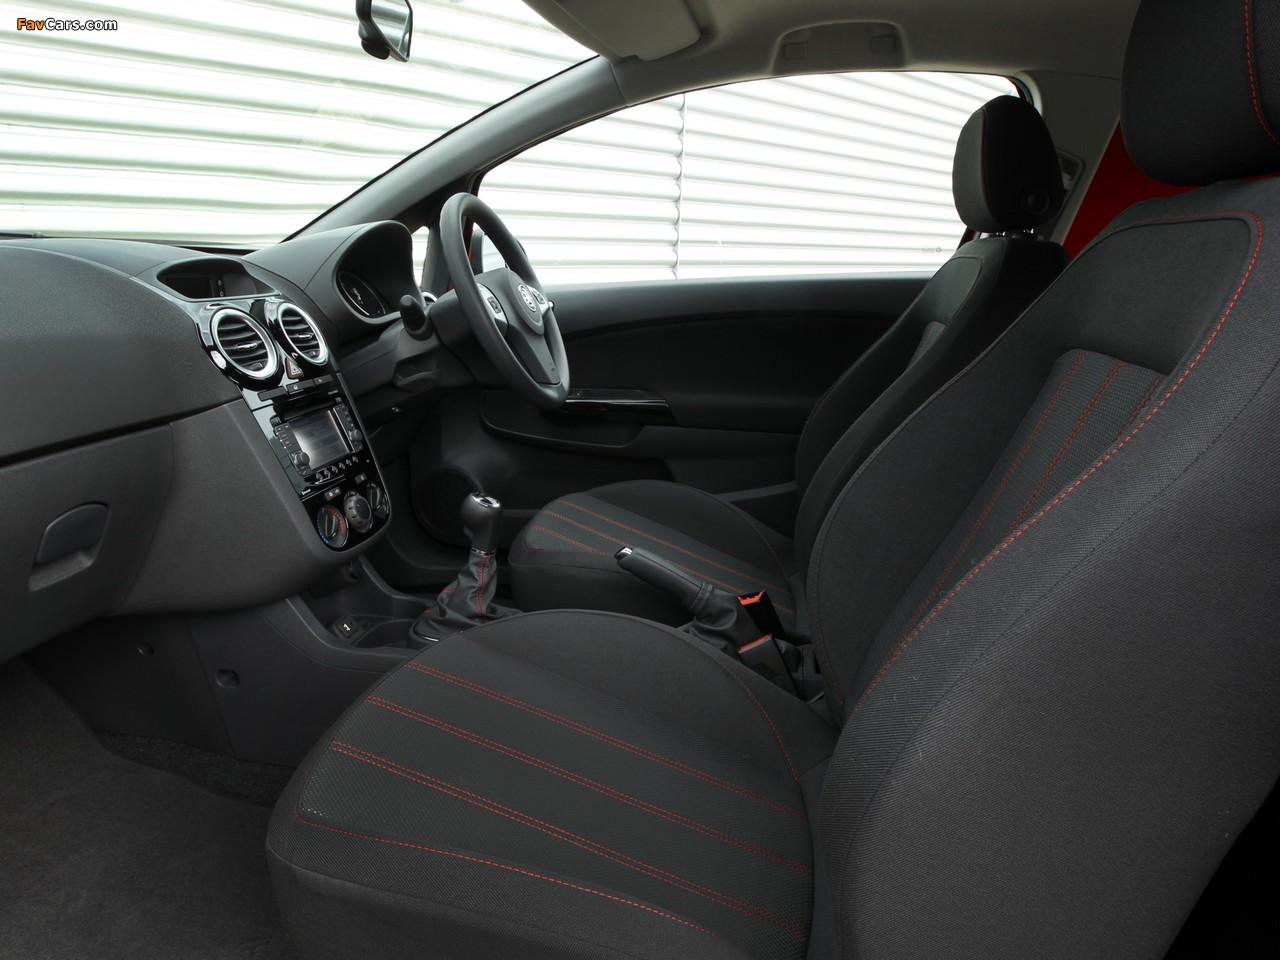 Vauxhall Corsavan (D) 2010 photos (1280 x 960)